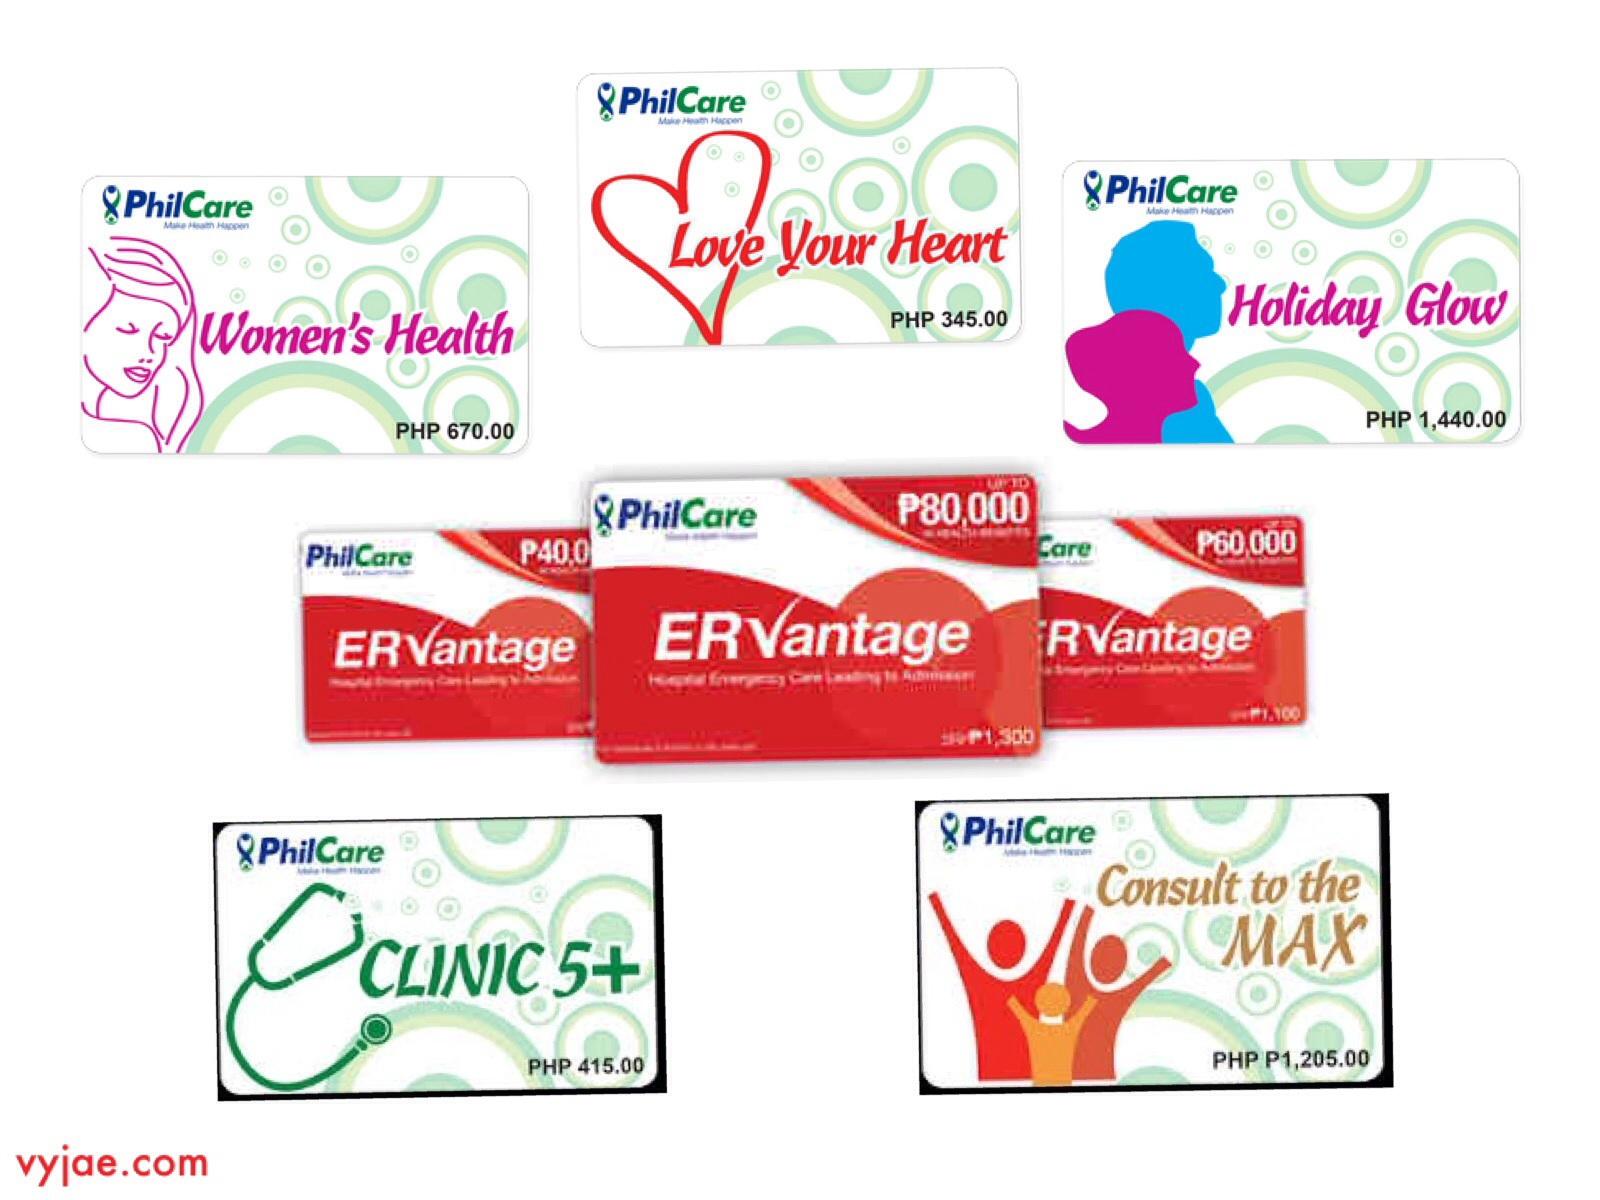 philcare bundle cards